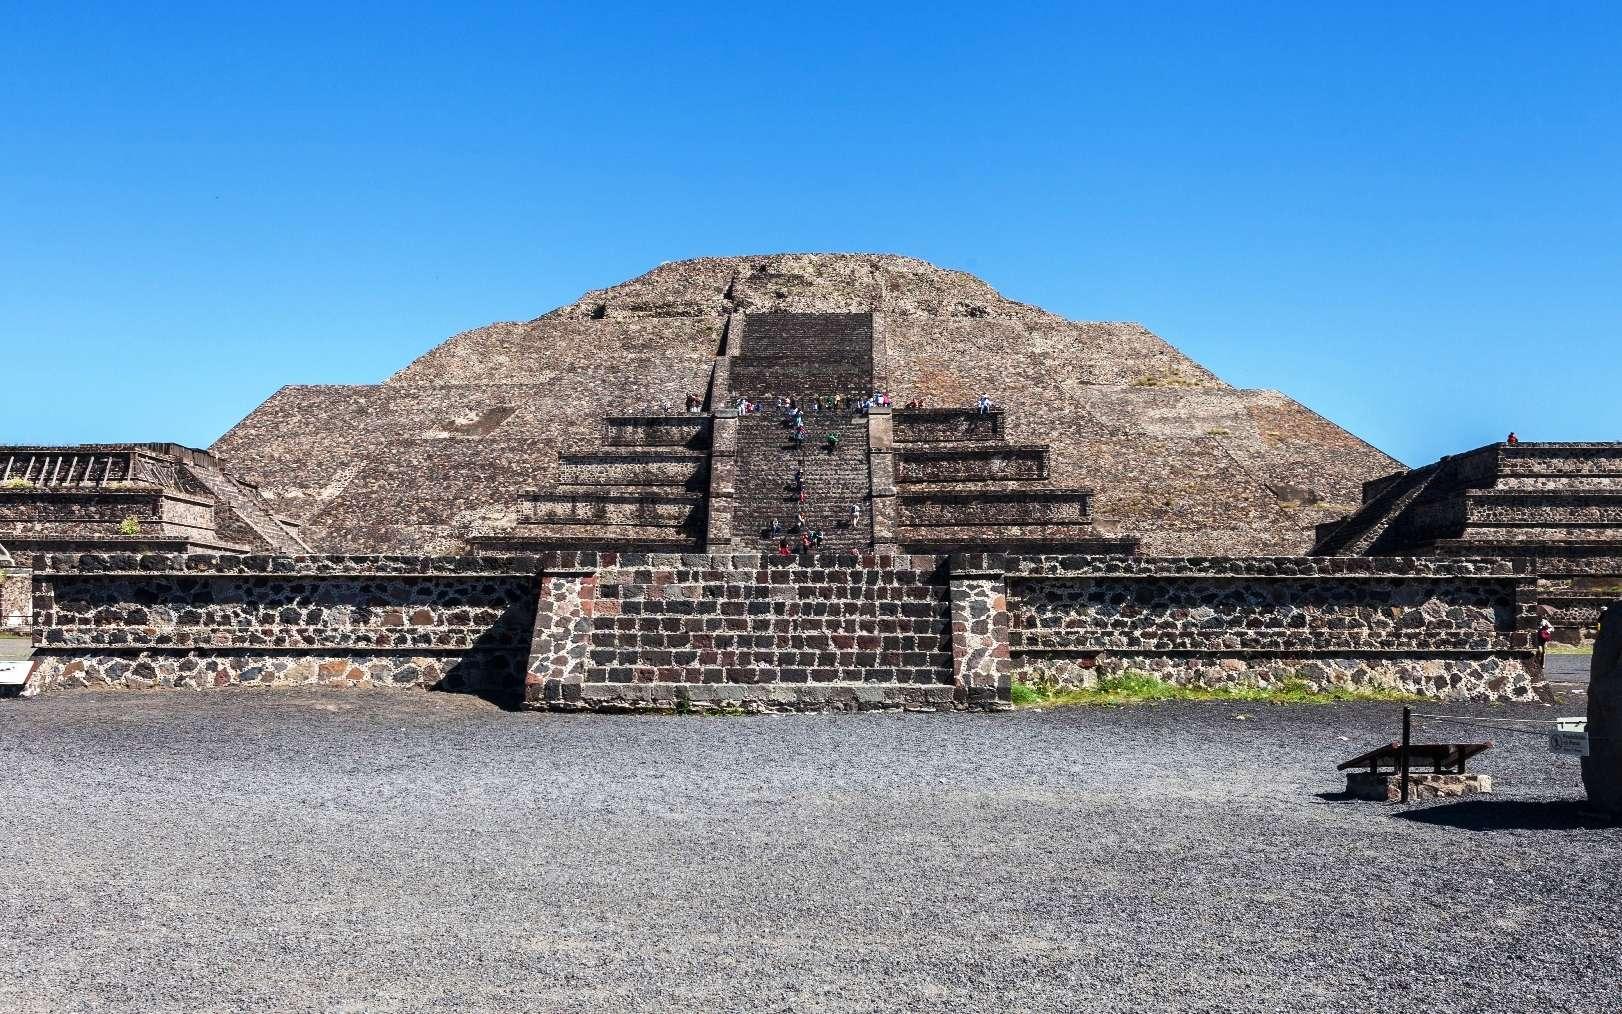 Une vue de la pyramide de la Lune, à Teotihuacan, au Mexique. Celle-ci cache-t-elle un tunnel ? © Diego Delso, CC by-sa 3.0